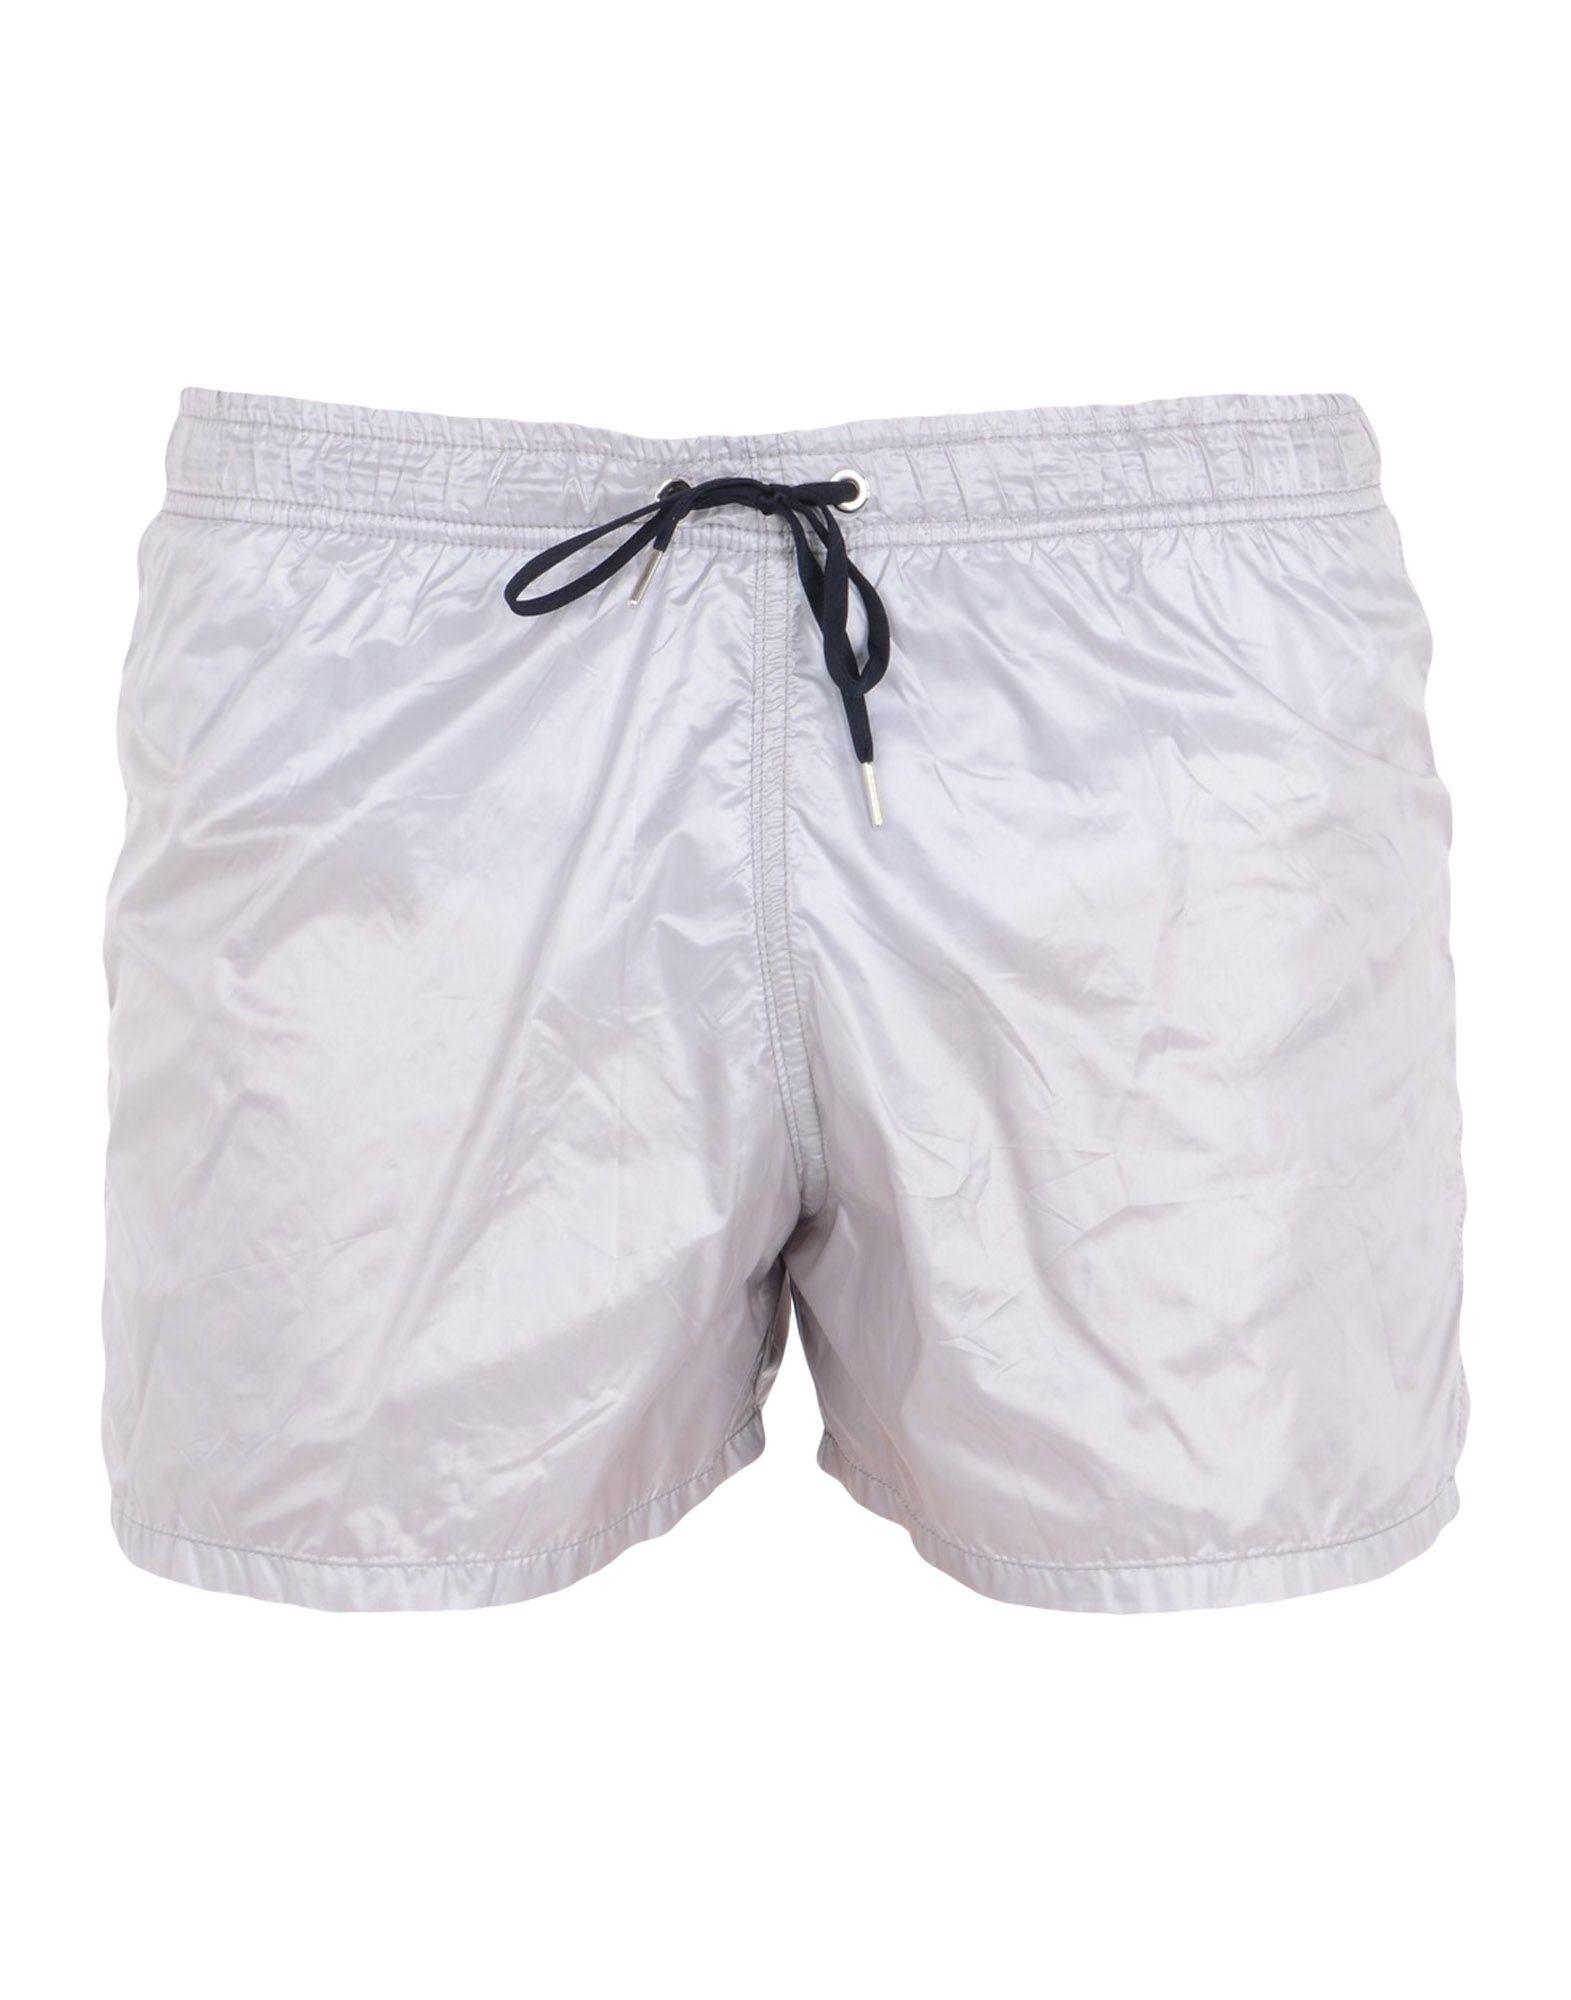 BULLISH Swim Shorts in Light Grey